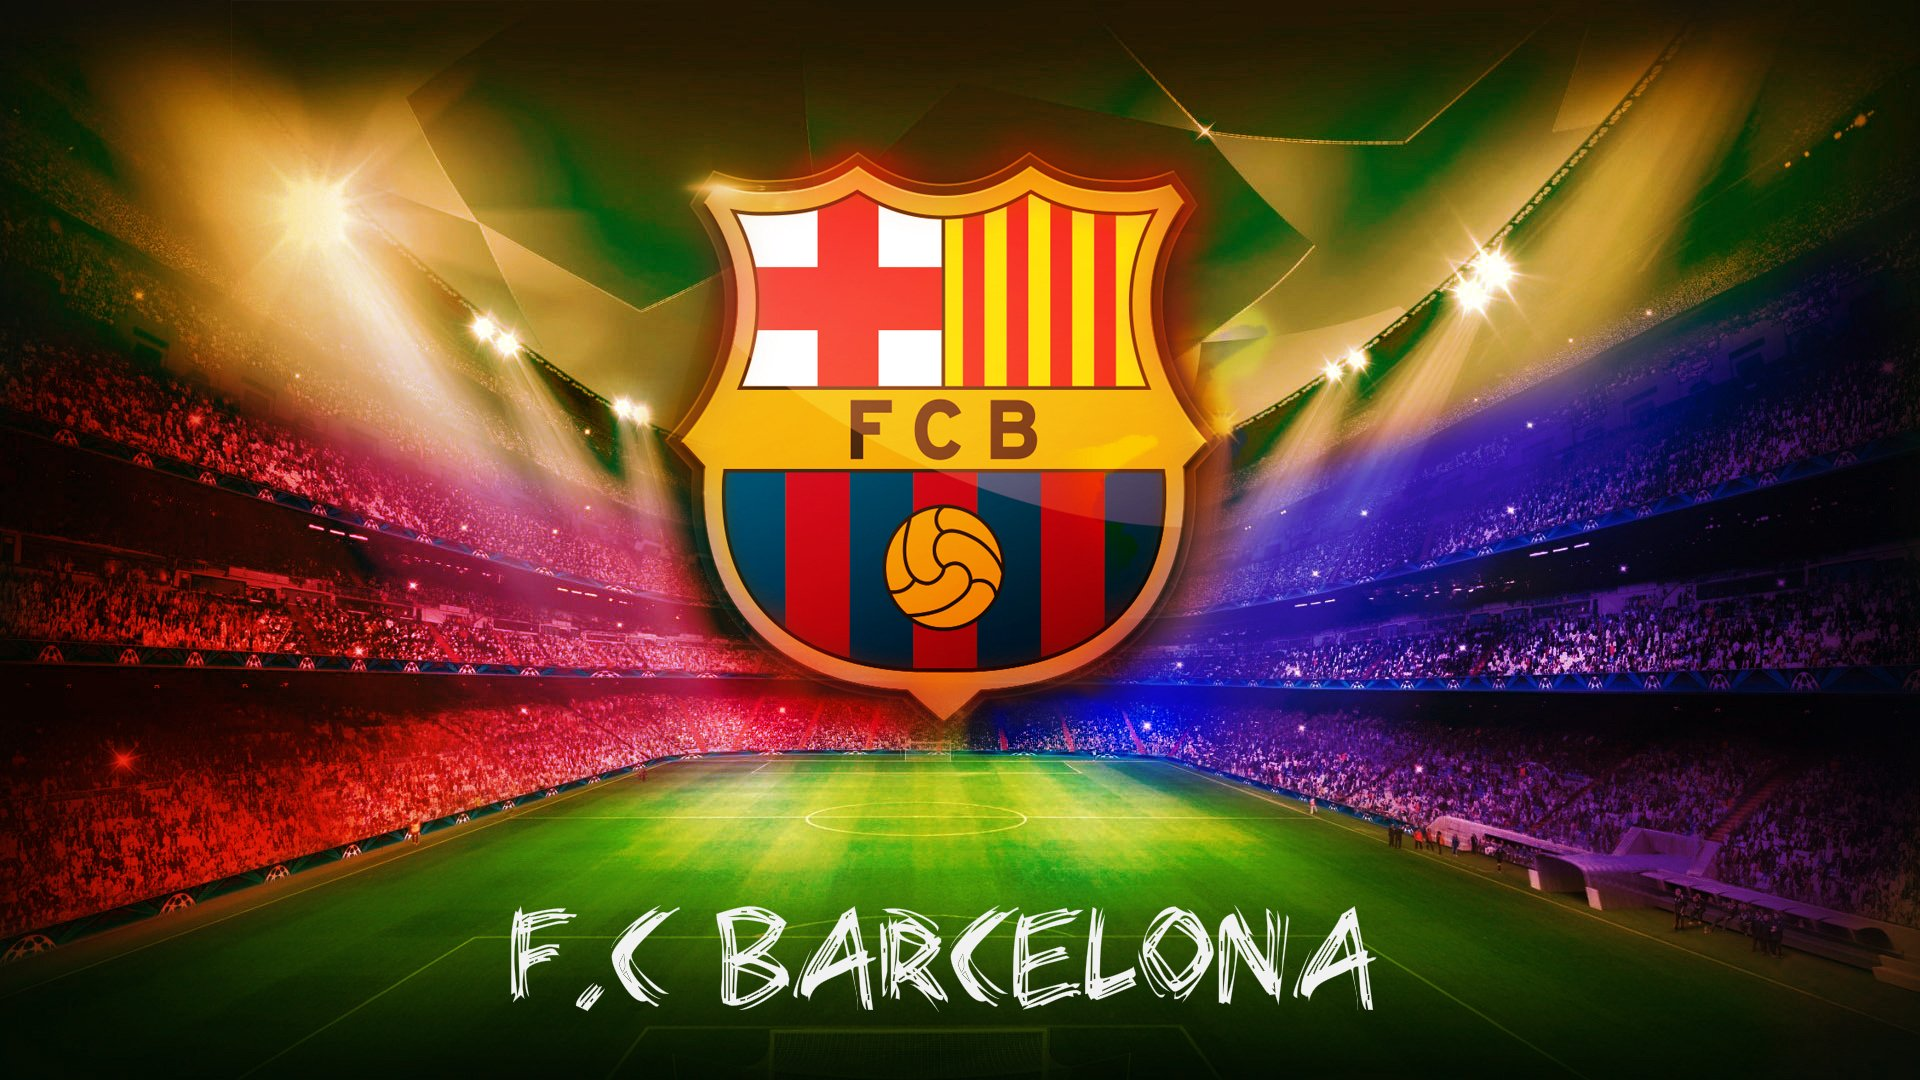 fc barcelona sport hd wallpaper 1920x1080 9528 1920x1080